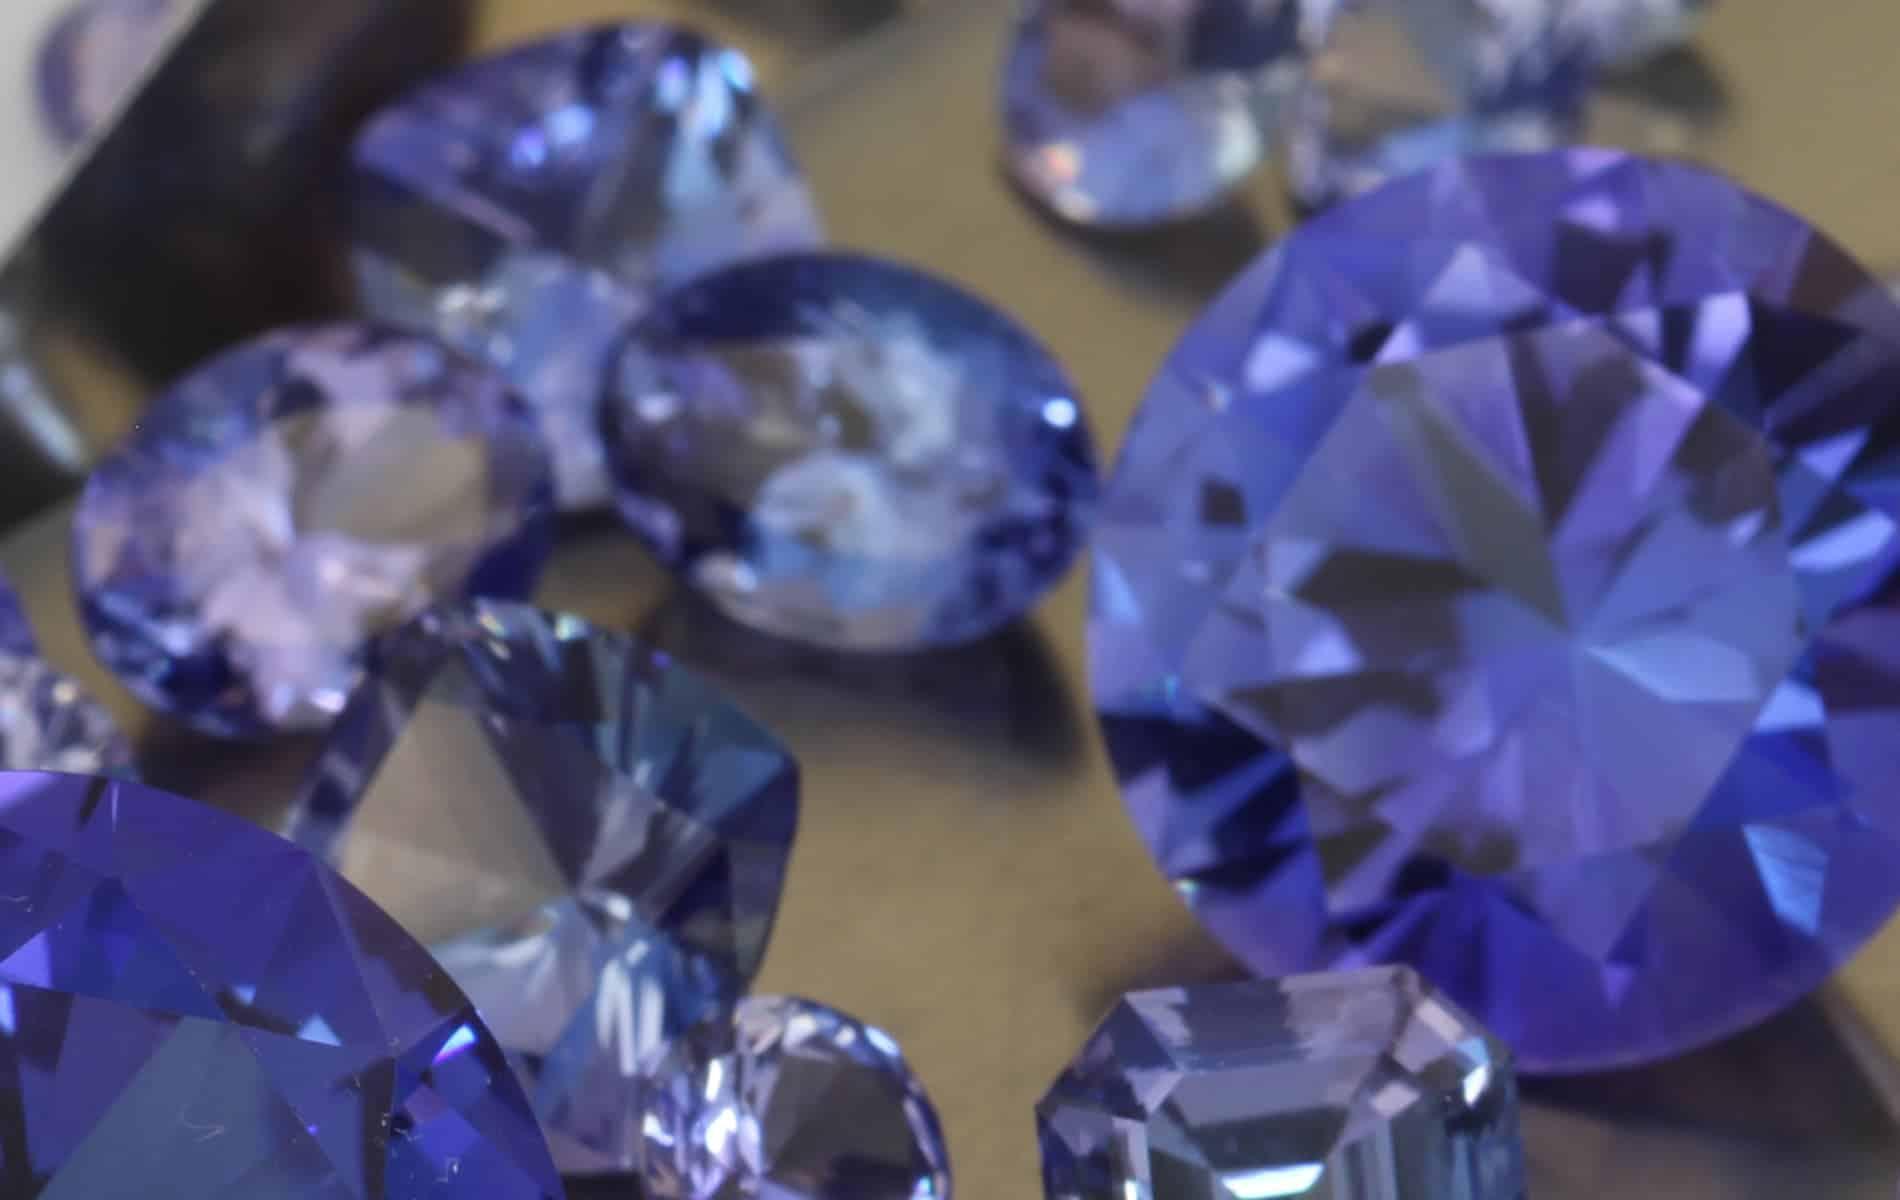 Many beautiful Tanzanite stones